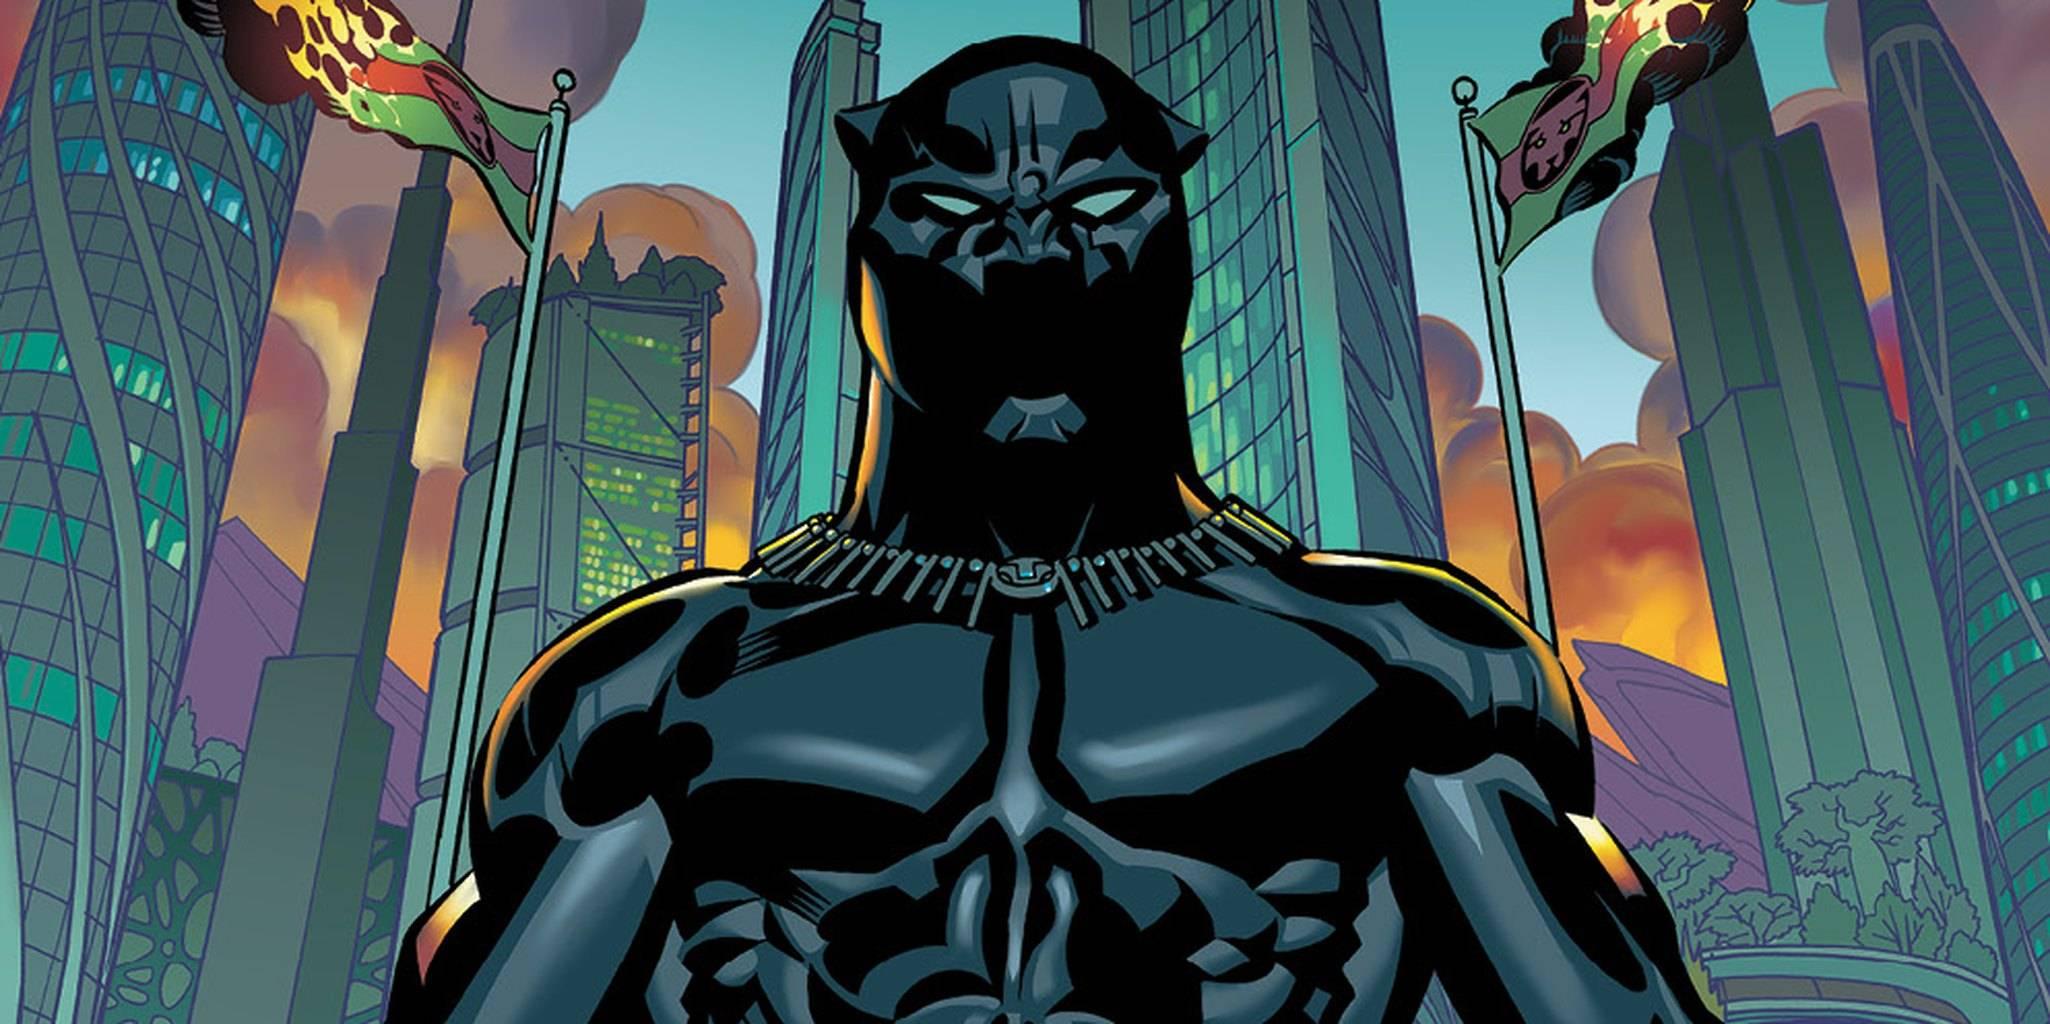 Чёрная Пантера в комиксах воевал с Ку-клукс-кланом и Фантастической четвёркой 19